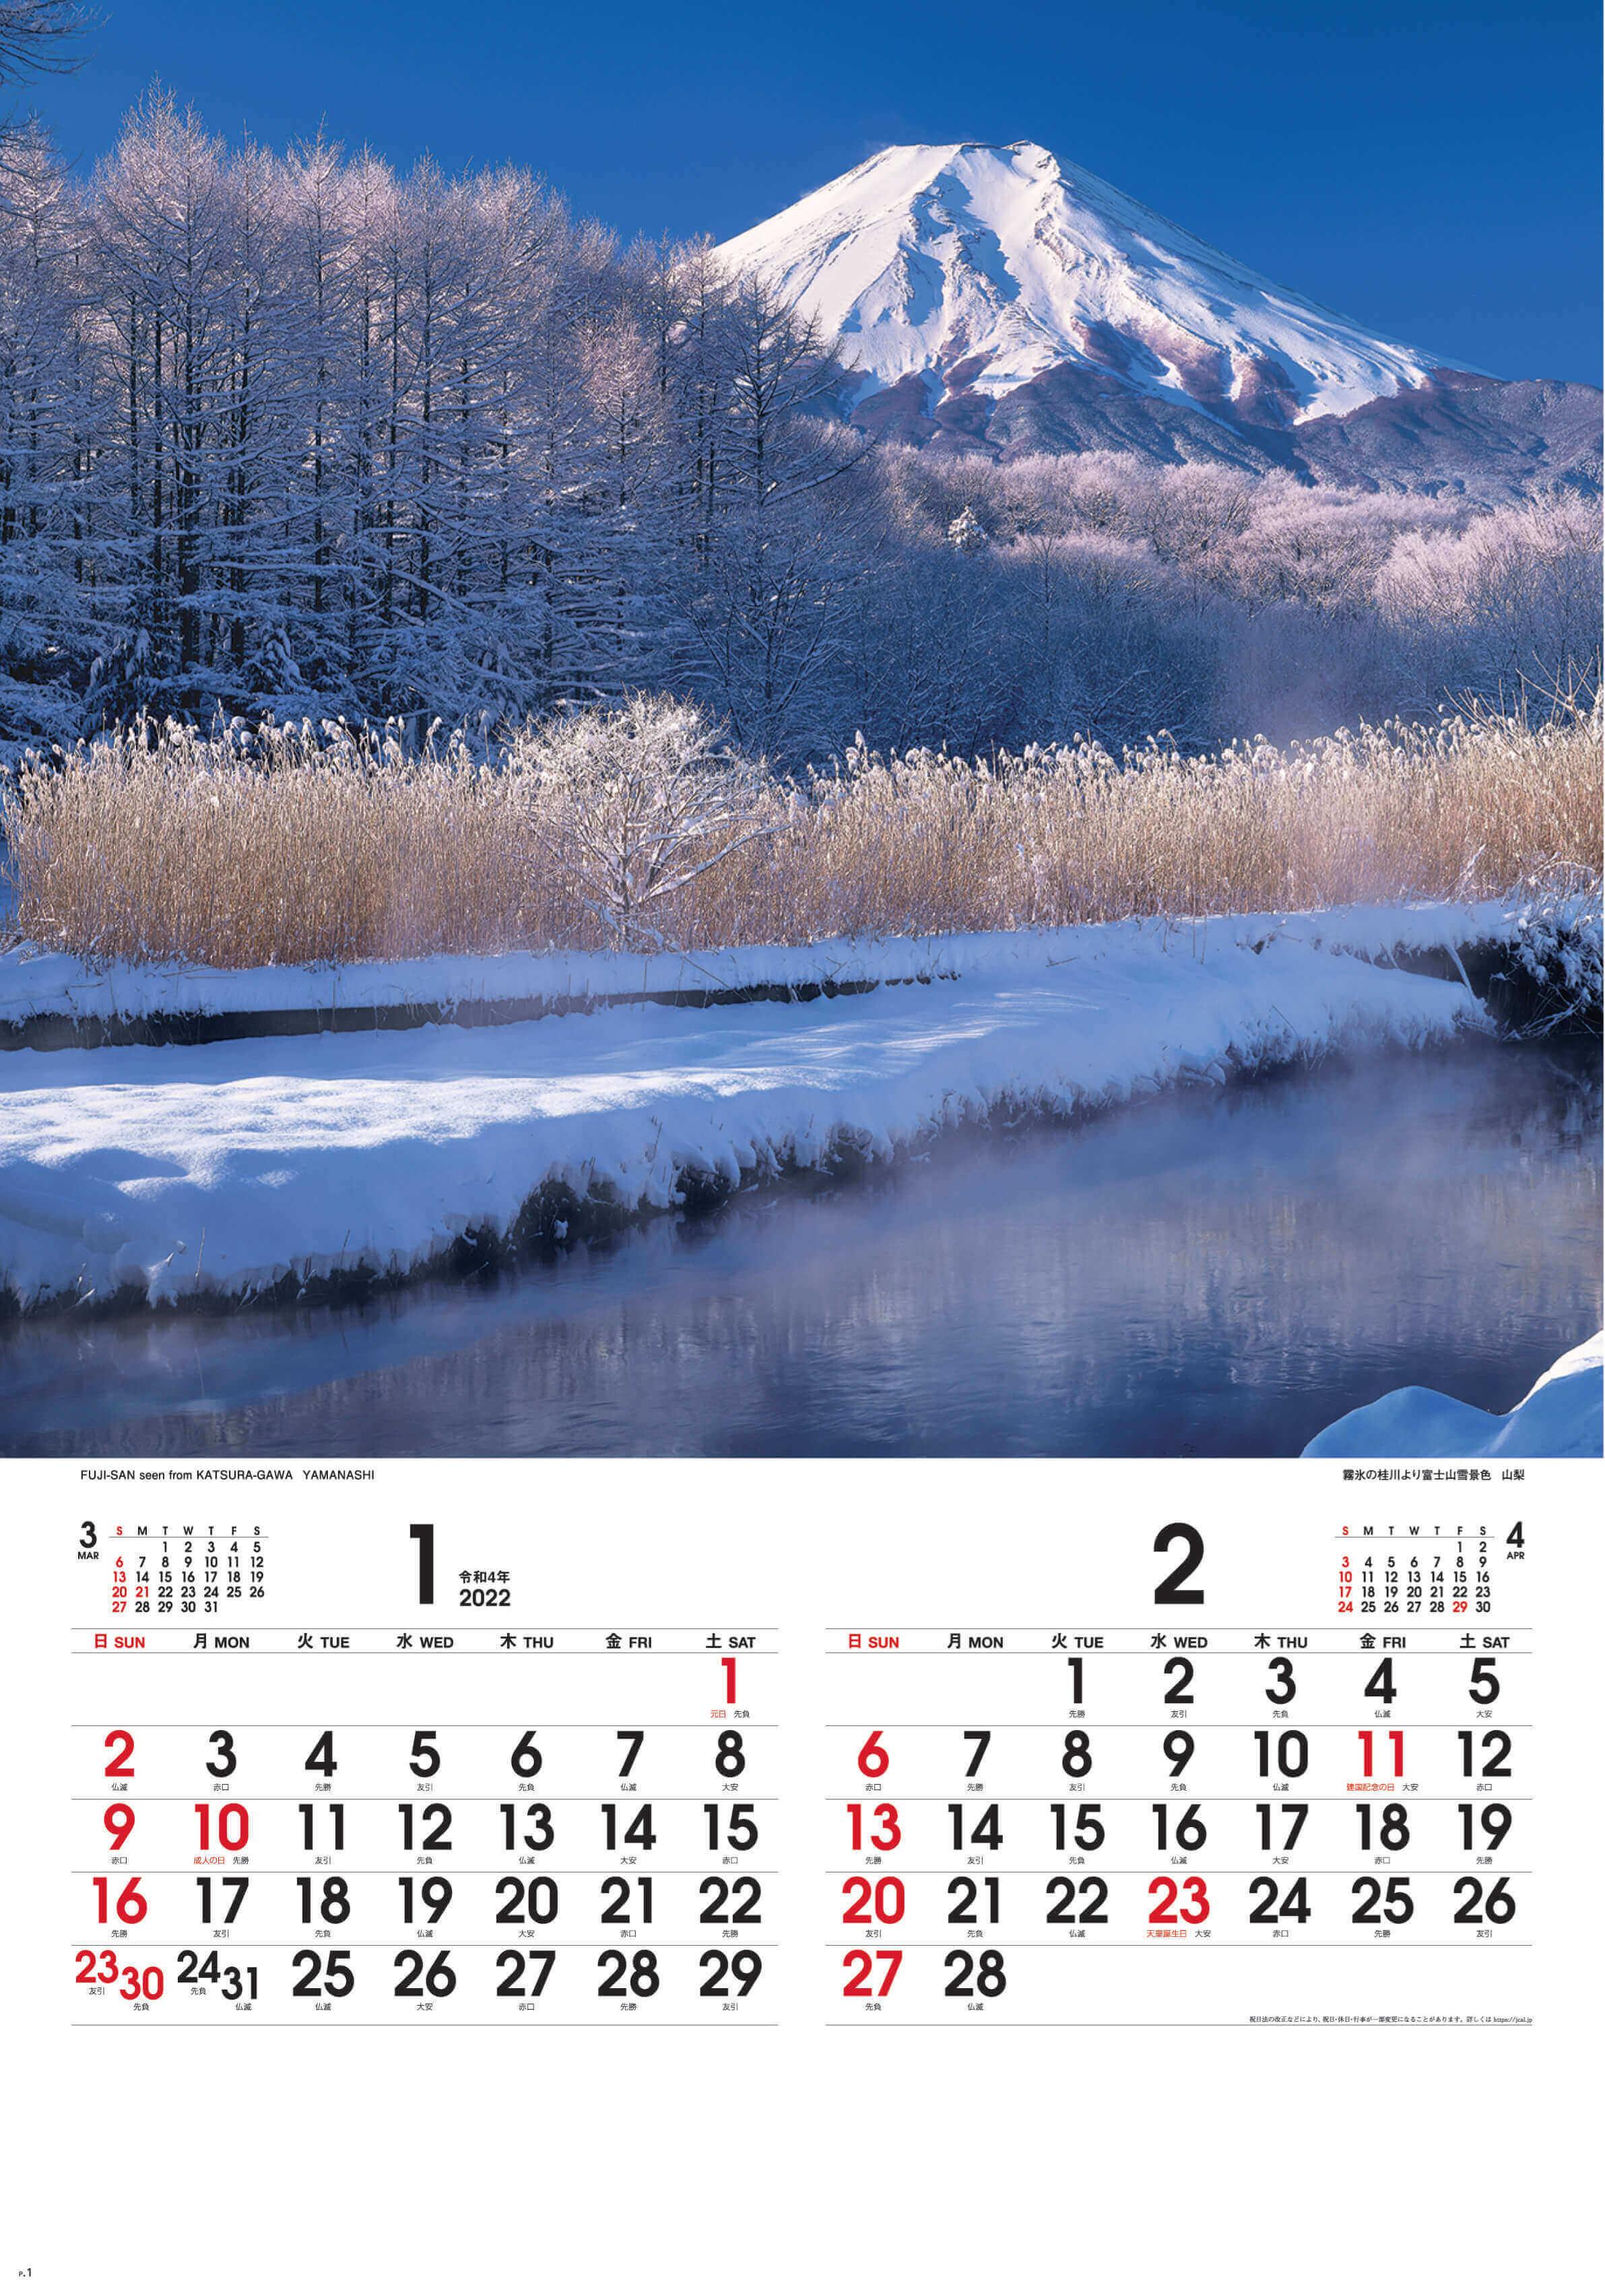 1-2月 桂川より富士山(山梨) 四季彩峰(フィルムカレンダー) 2022年カレンダーの画像